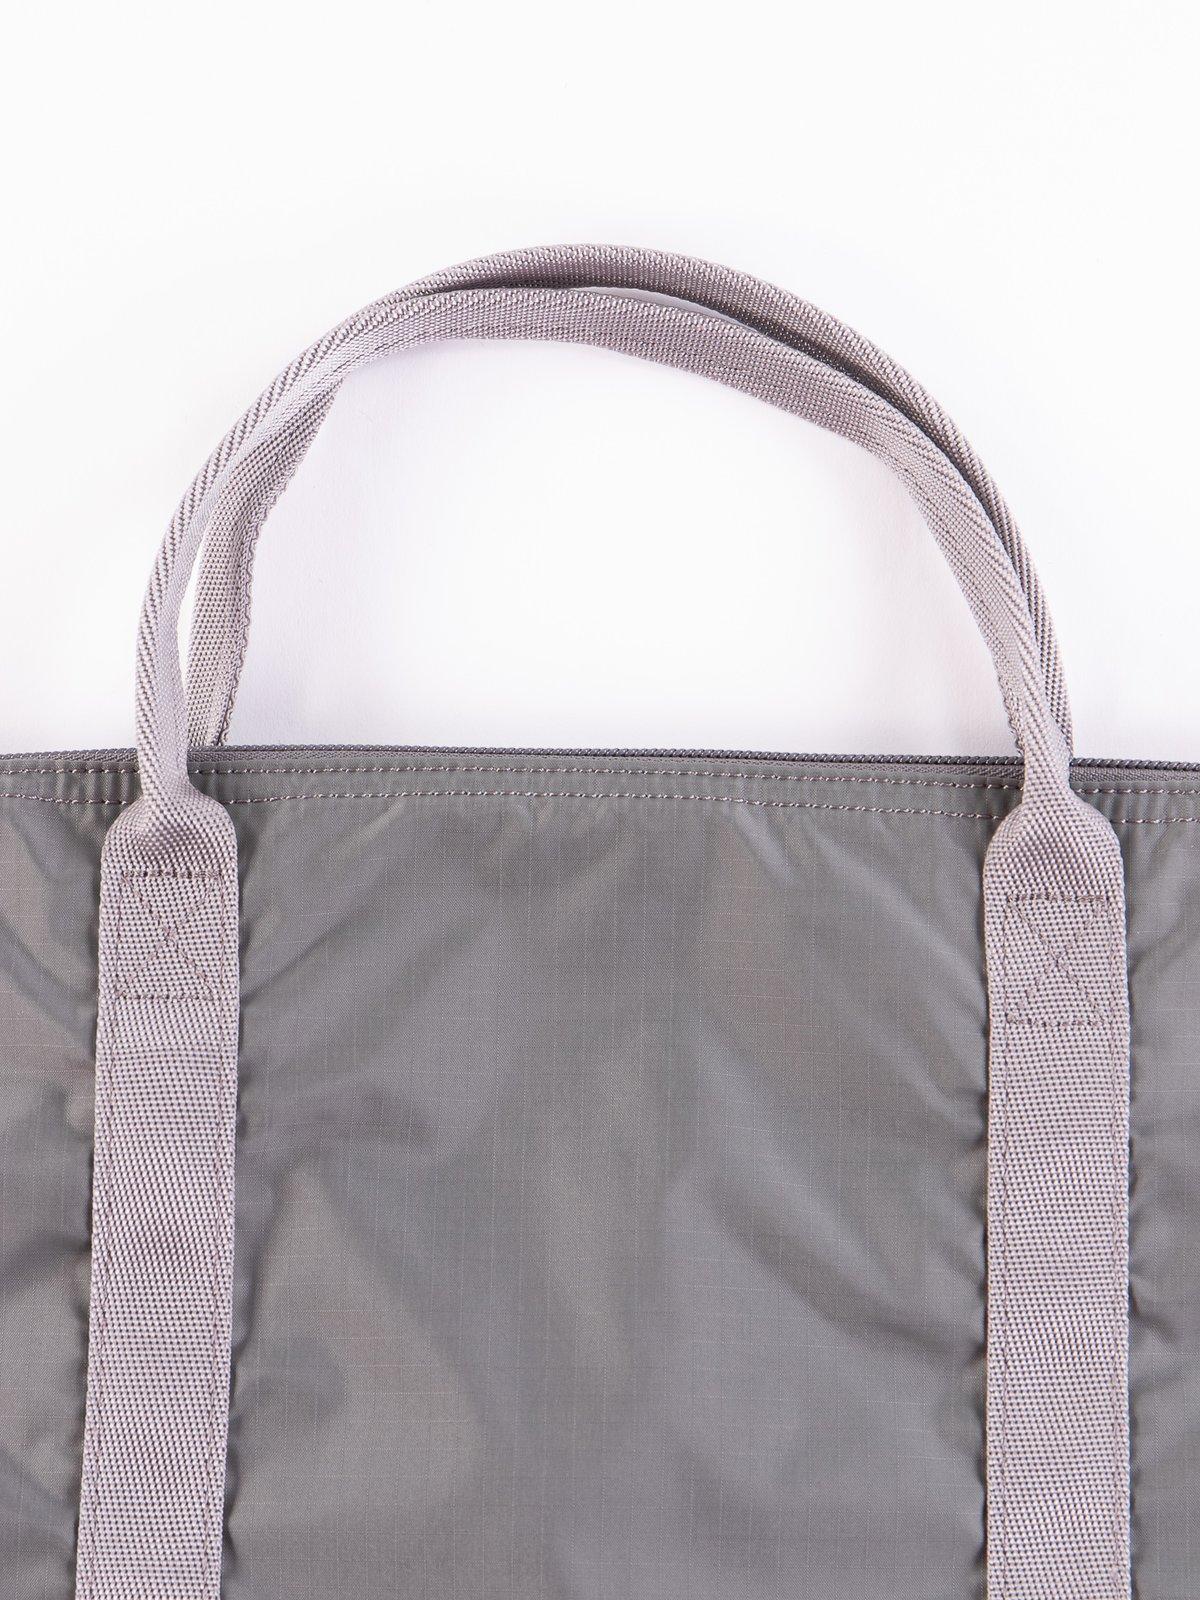 Grey Flex 2Way Tote Bag - Image 3